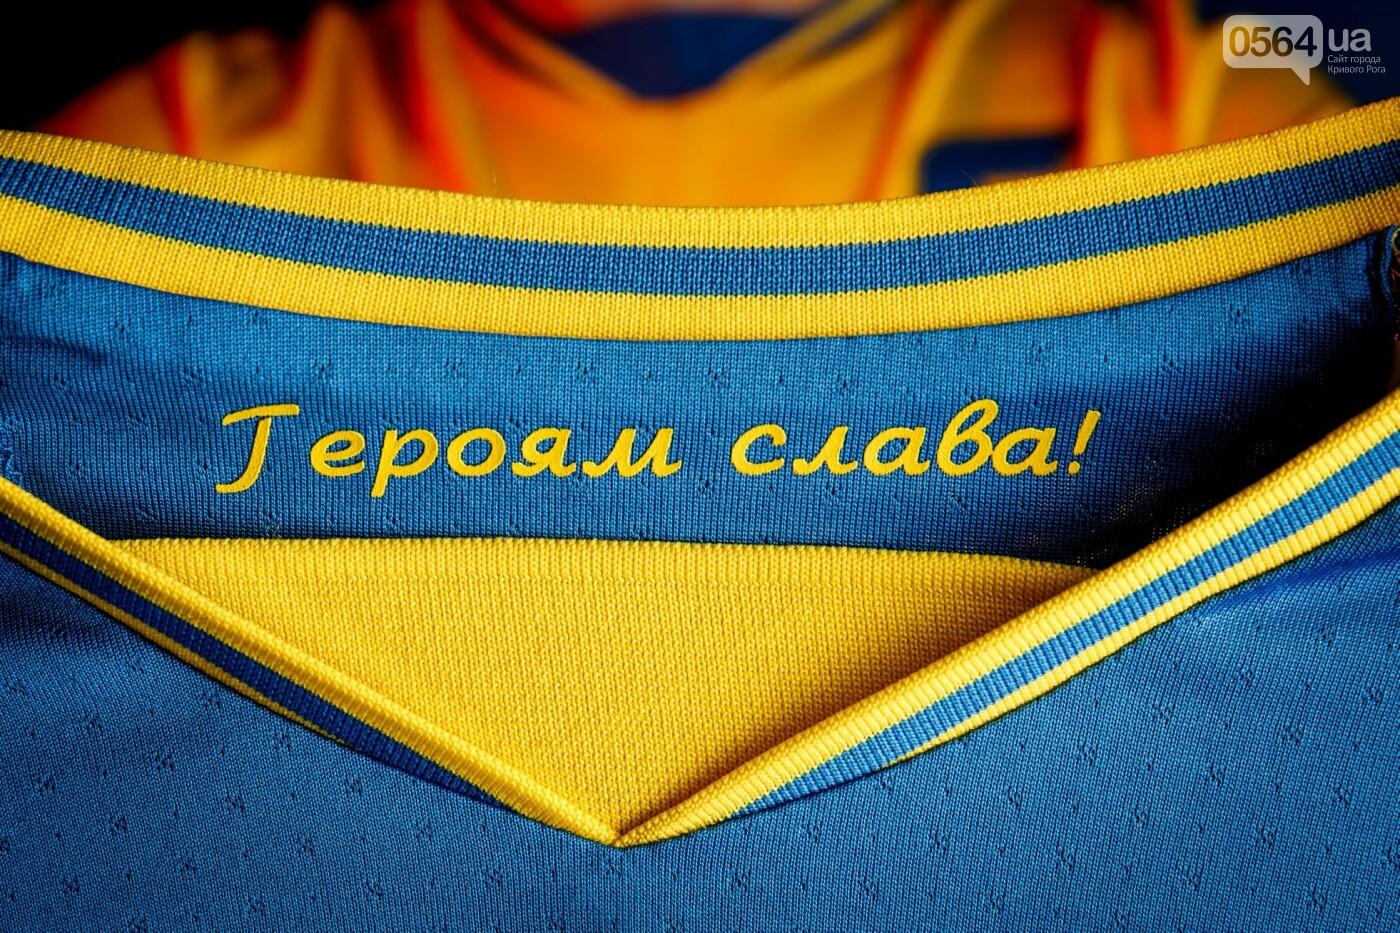 Сборная Украины по футболу представила новую форму на Евро-2020, фото-4